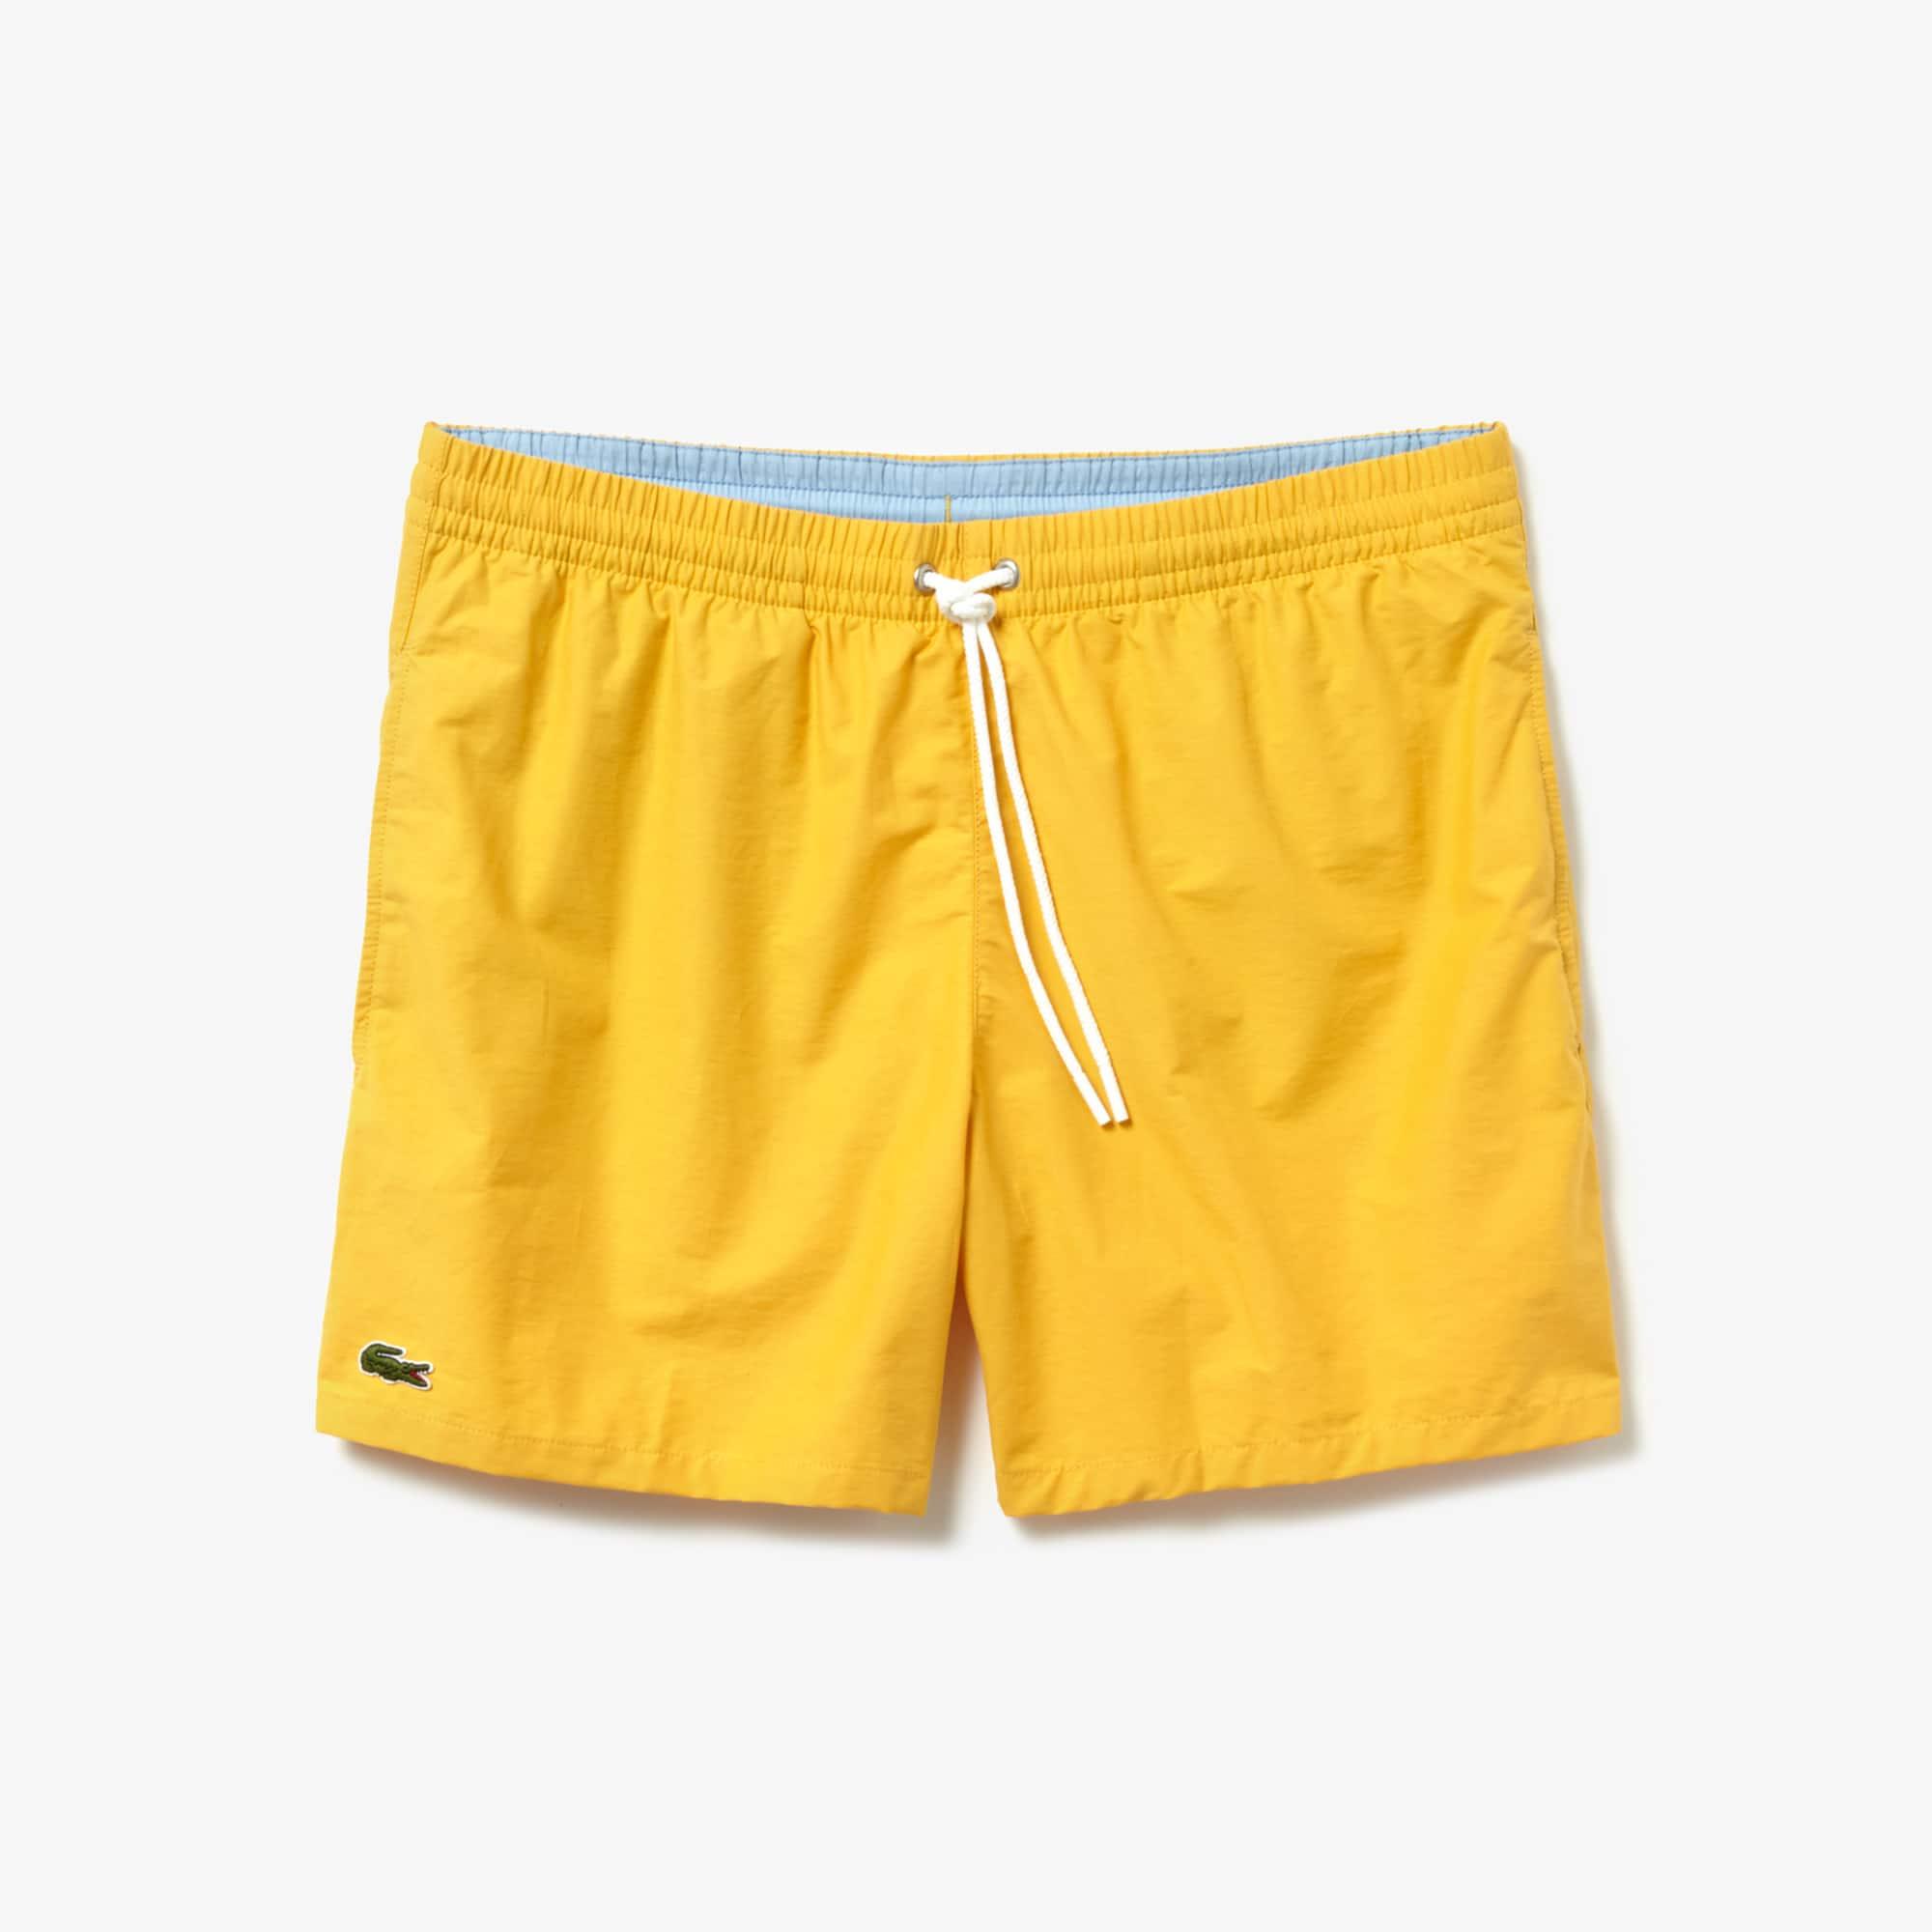 34e82f9b29 Lacoste Men's Taffeta Swim Trunks In Light Orange / Light Blue ...